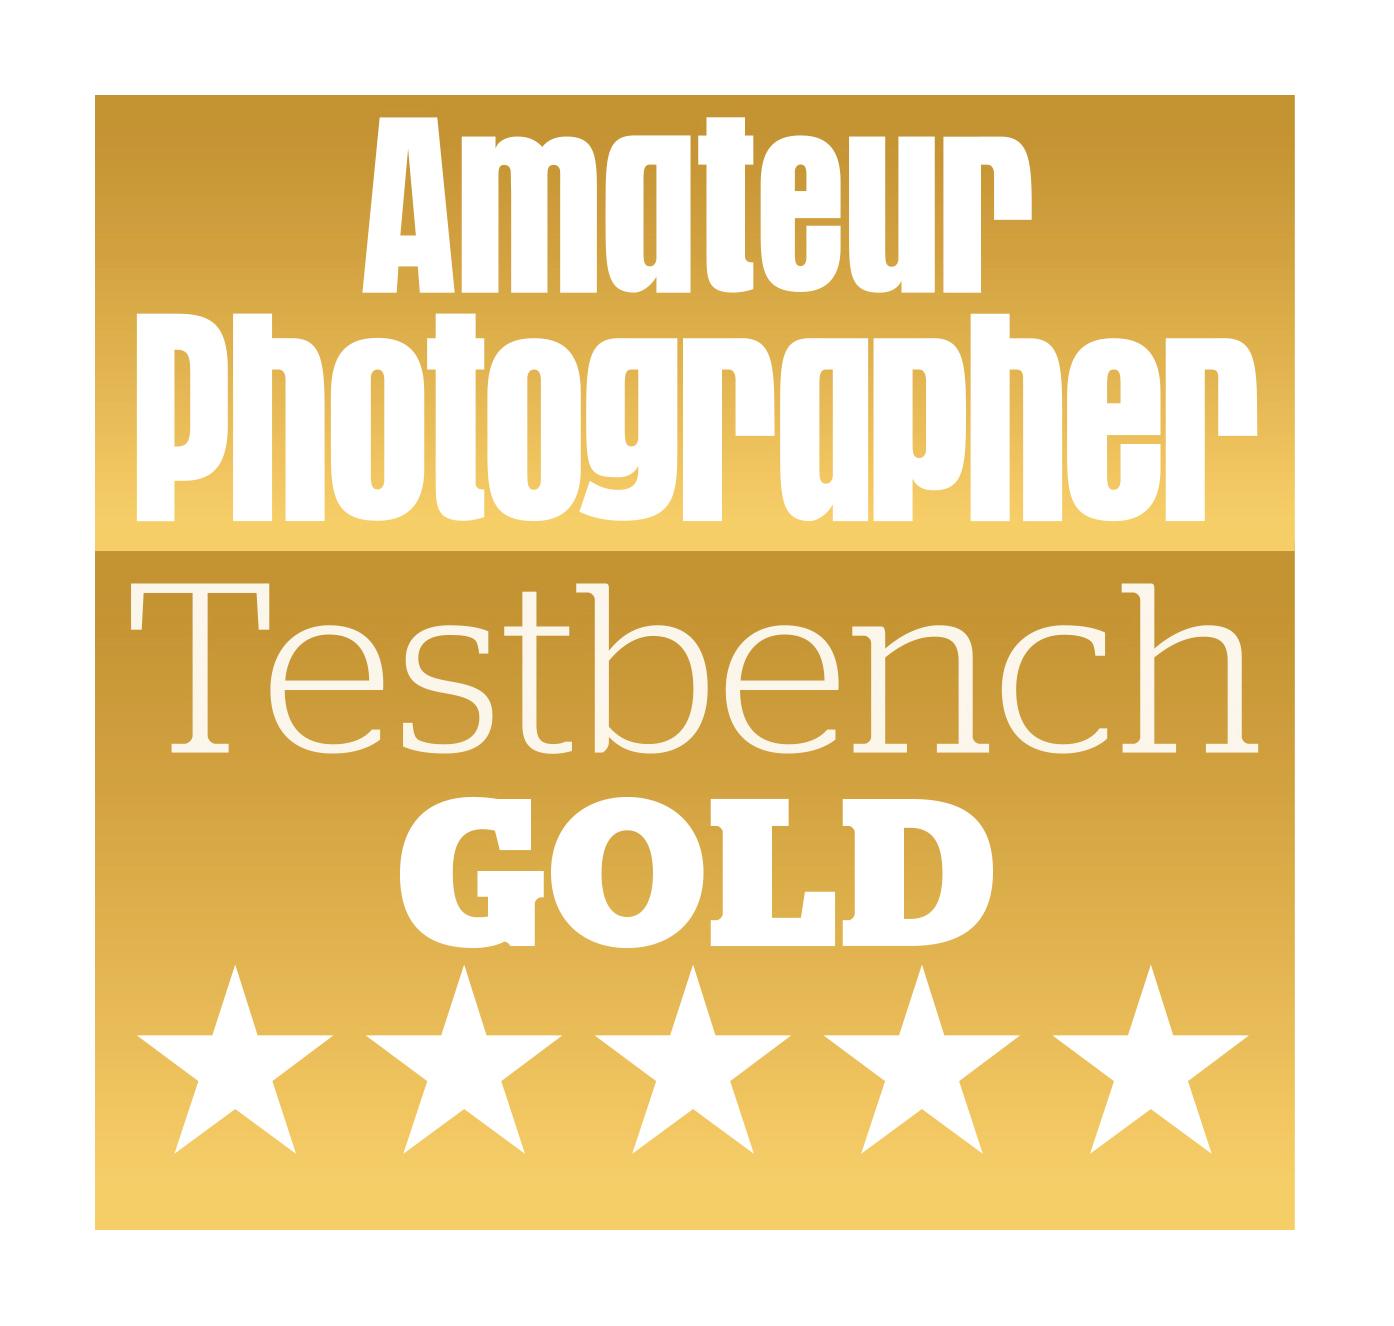 Amateur Photographer Good Test Bench Award